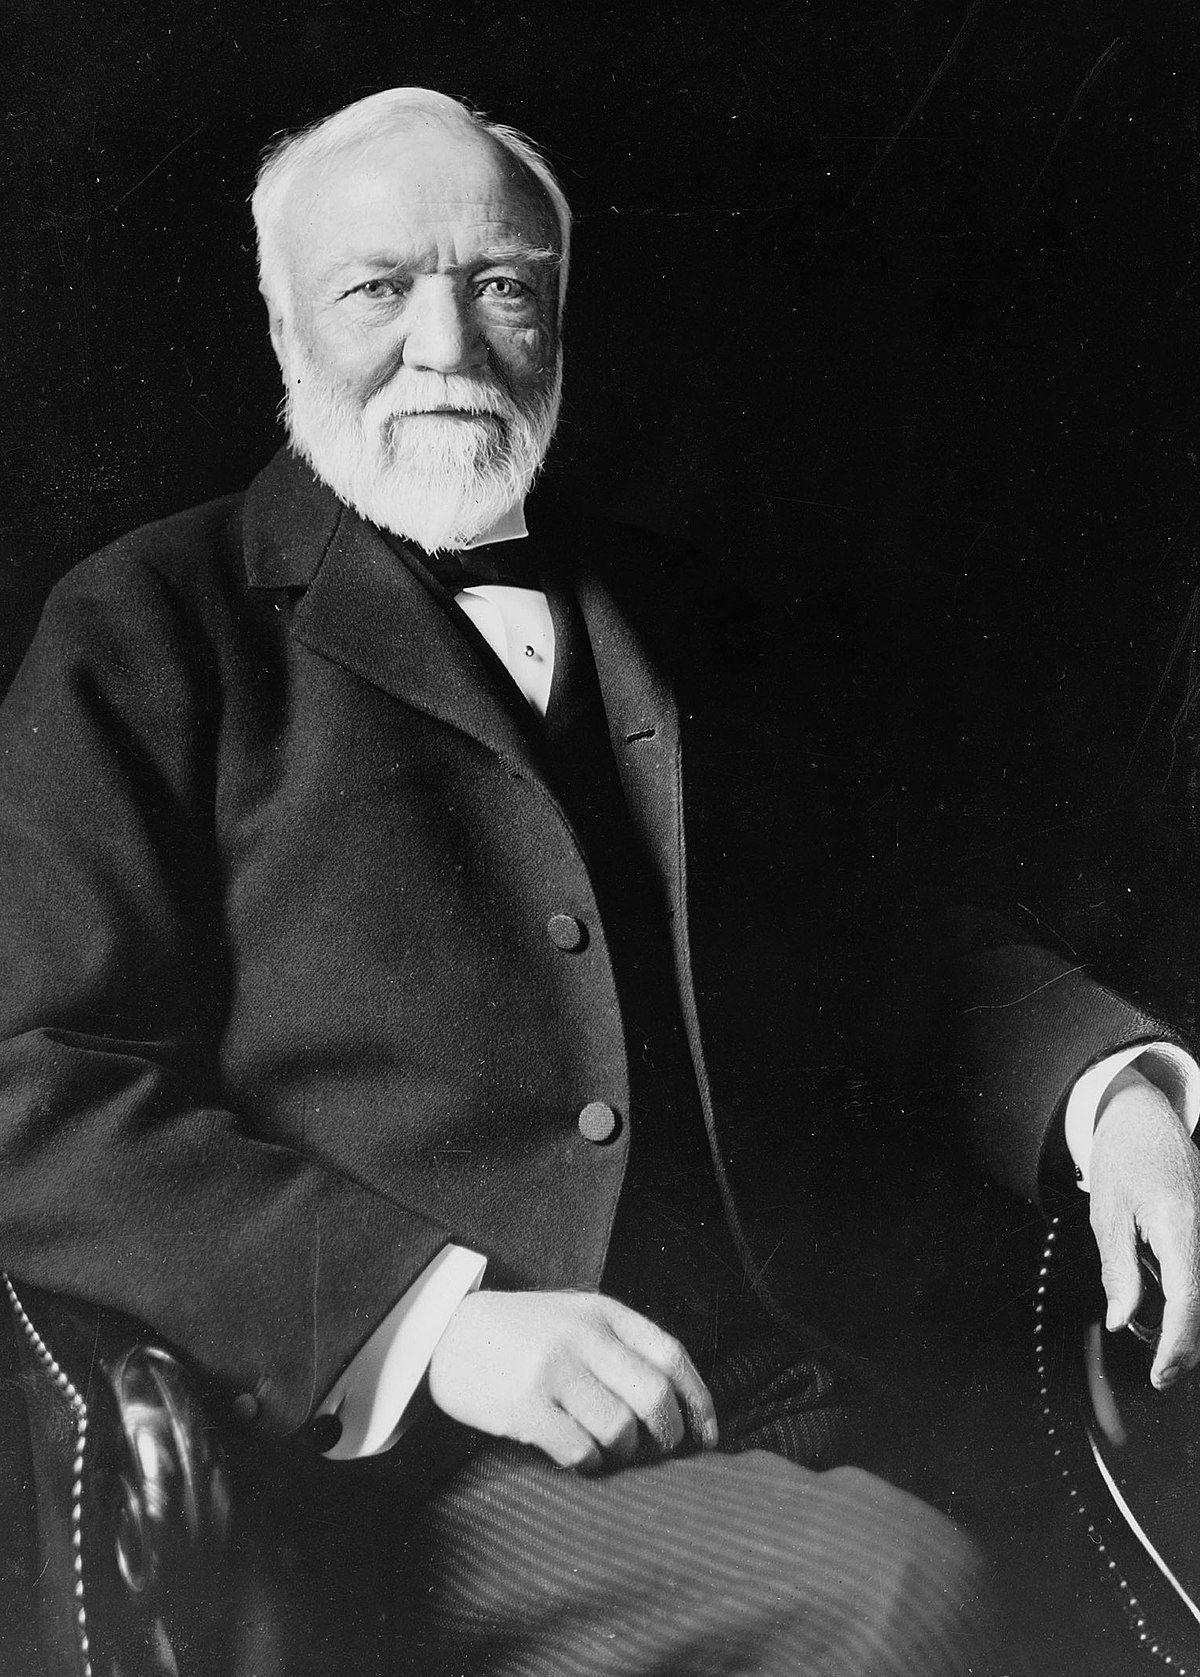 Andrew Carnegie donated 10 billion dollars ($10bn)